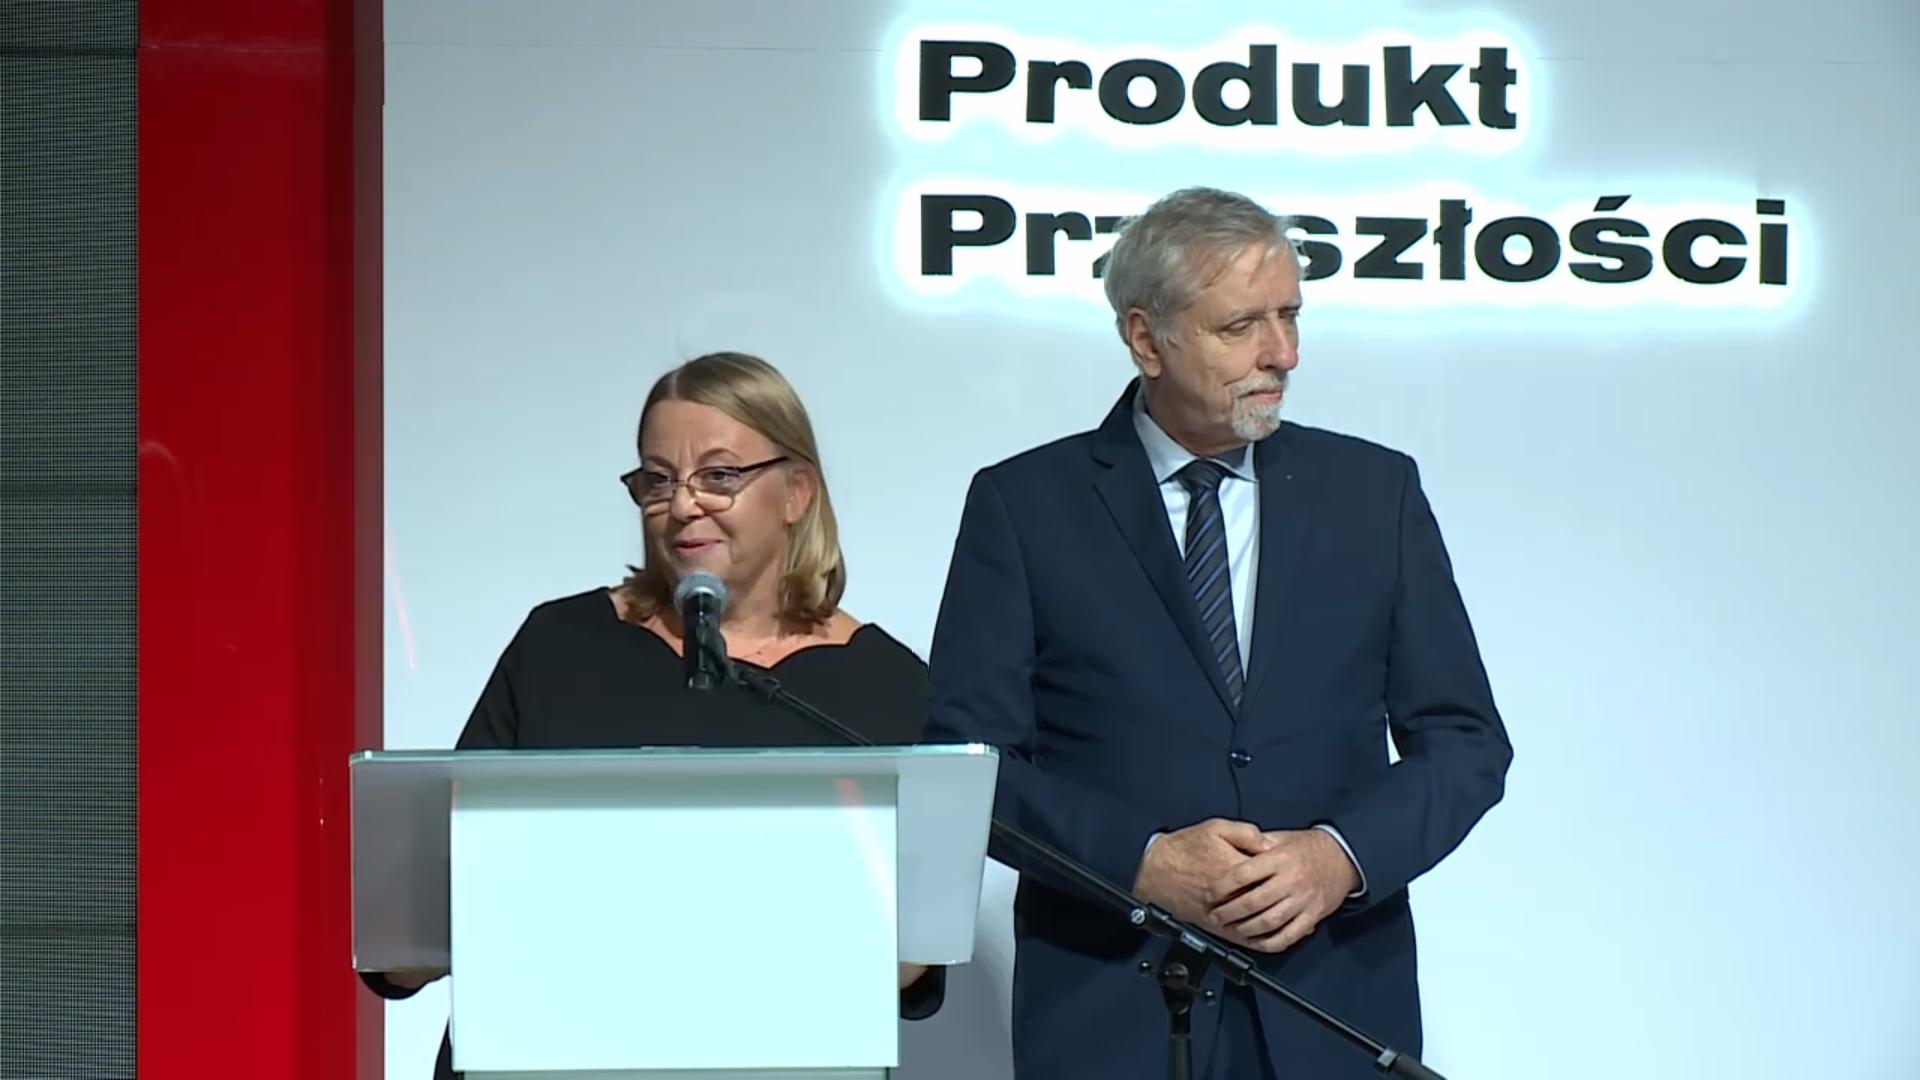 Znamy zwycięzców XXIII edycji konkursu Polski Produkt Przyszłości